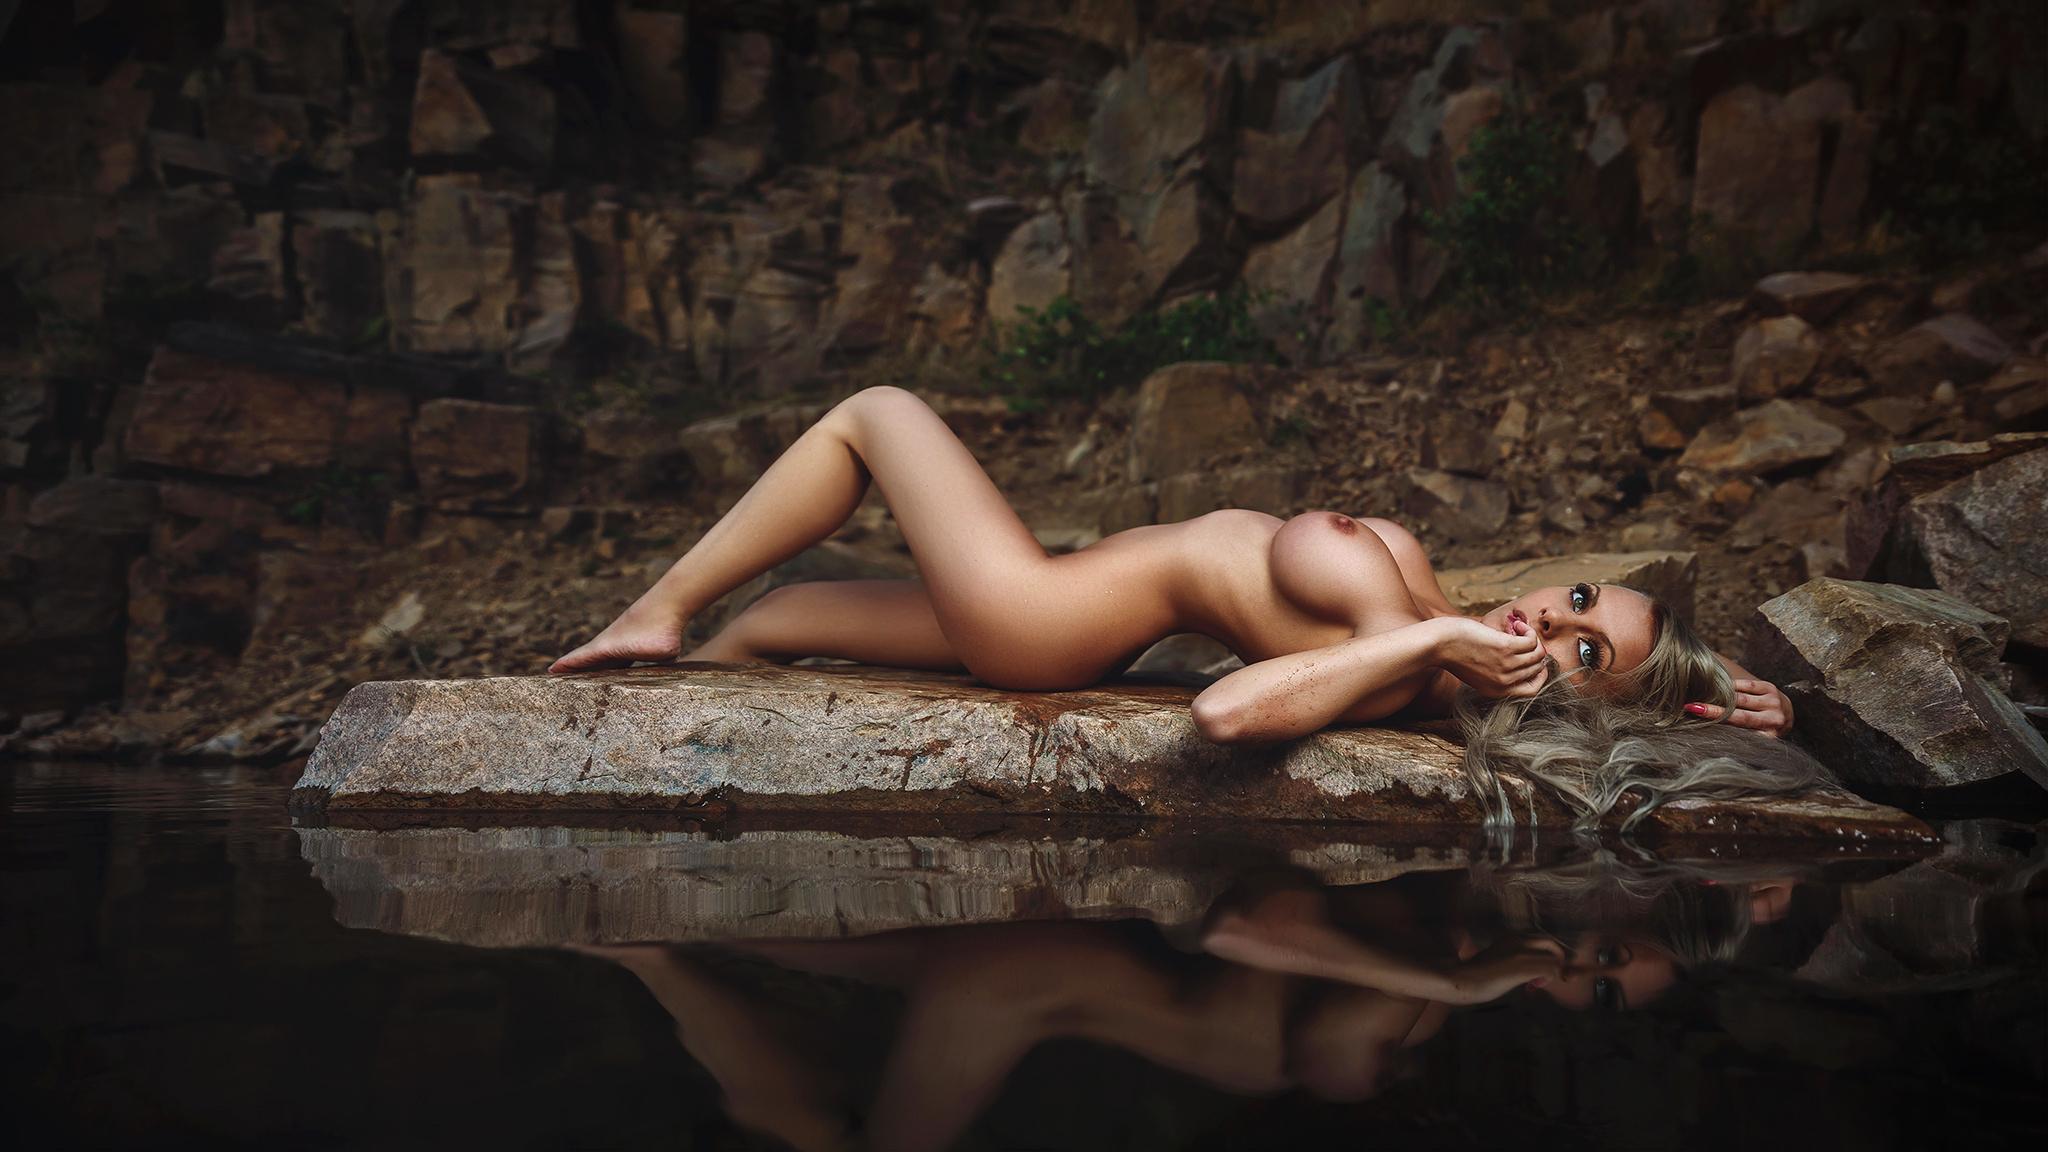 красивые фотообои на рабочий с видами на эротику